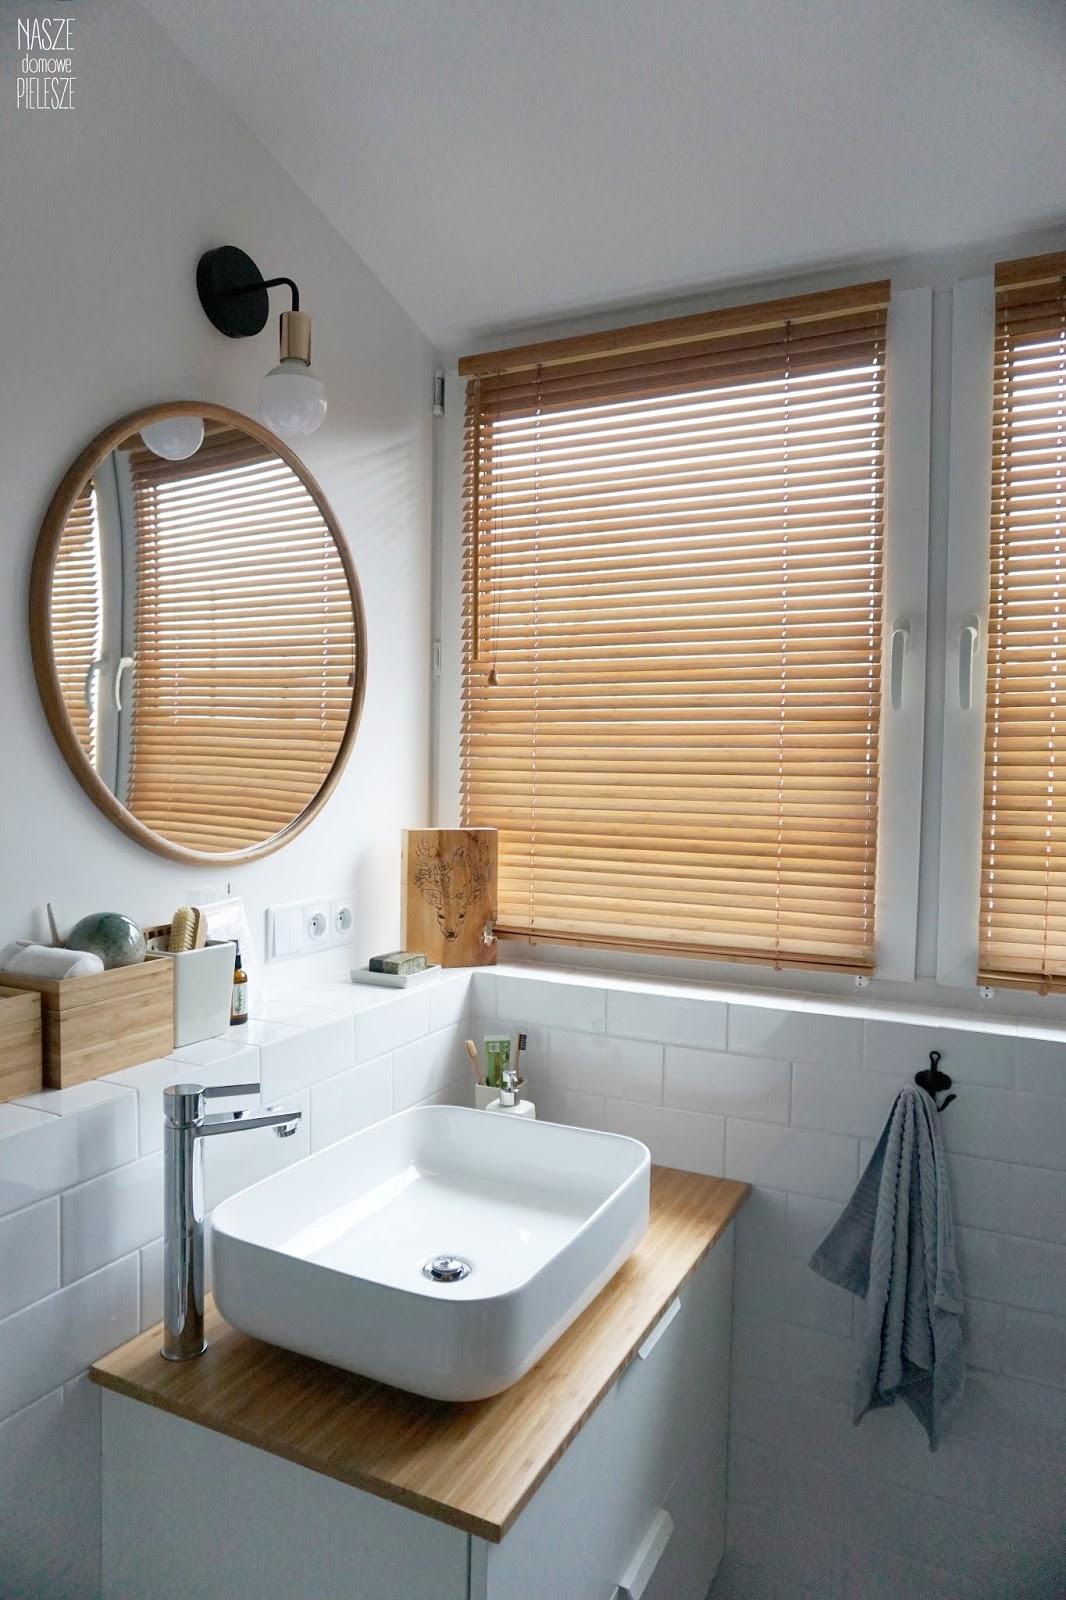 Nasze Domowe Pielesze Jak Zasłonić Okno W łazience To